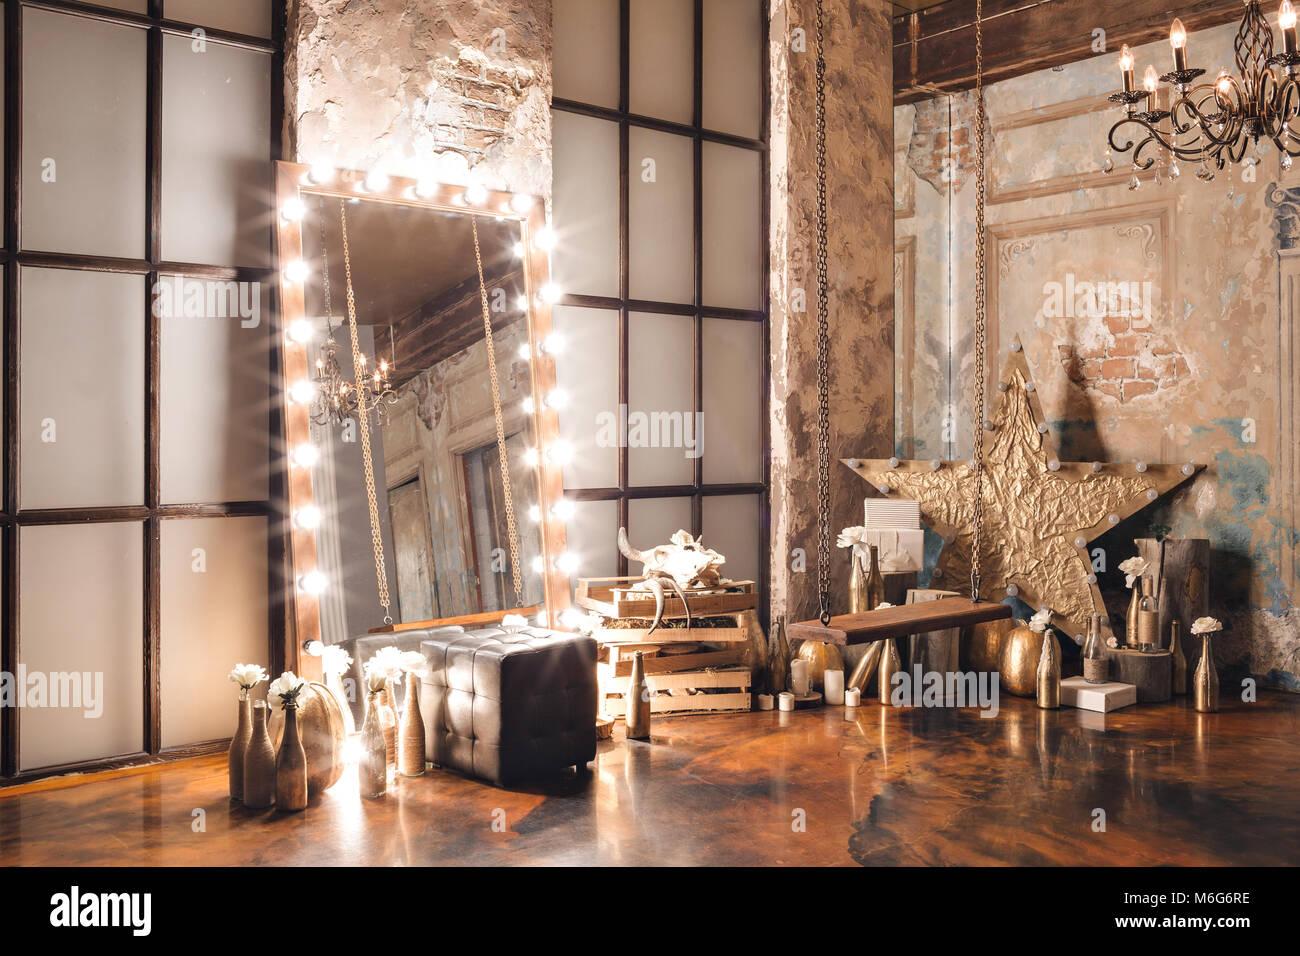 Loft Con Espejo Interior Velas Pared De Ladrillo Ventana Grande - Espejo-salon-moderno